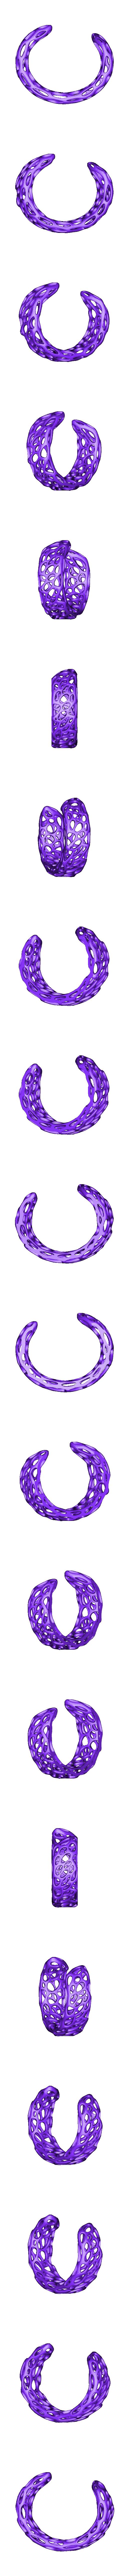 Voronoi_Bracelet_A_flatbottom.stl Télécharger fichier STL gratuit Bracelet Voronoi • Objet imprimable en 3D, Numbmond